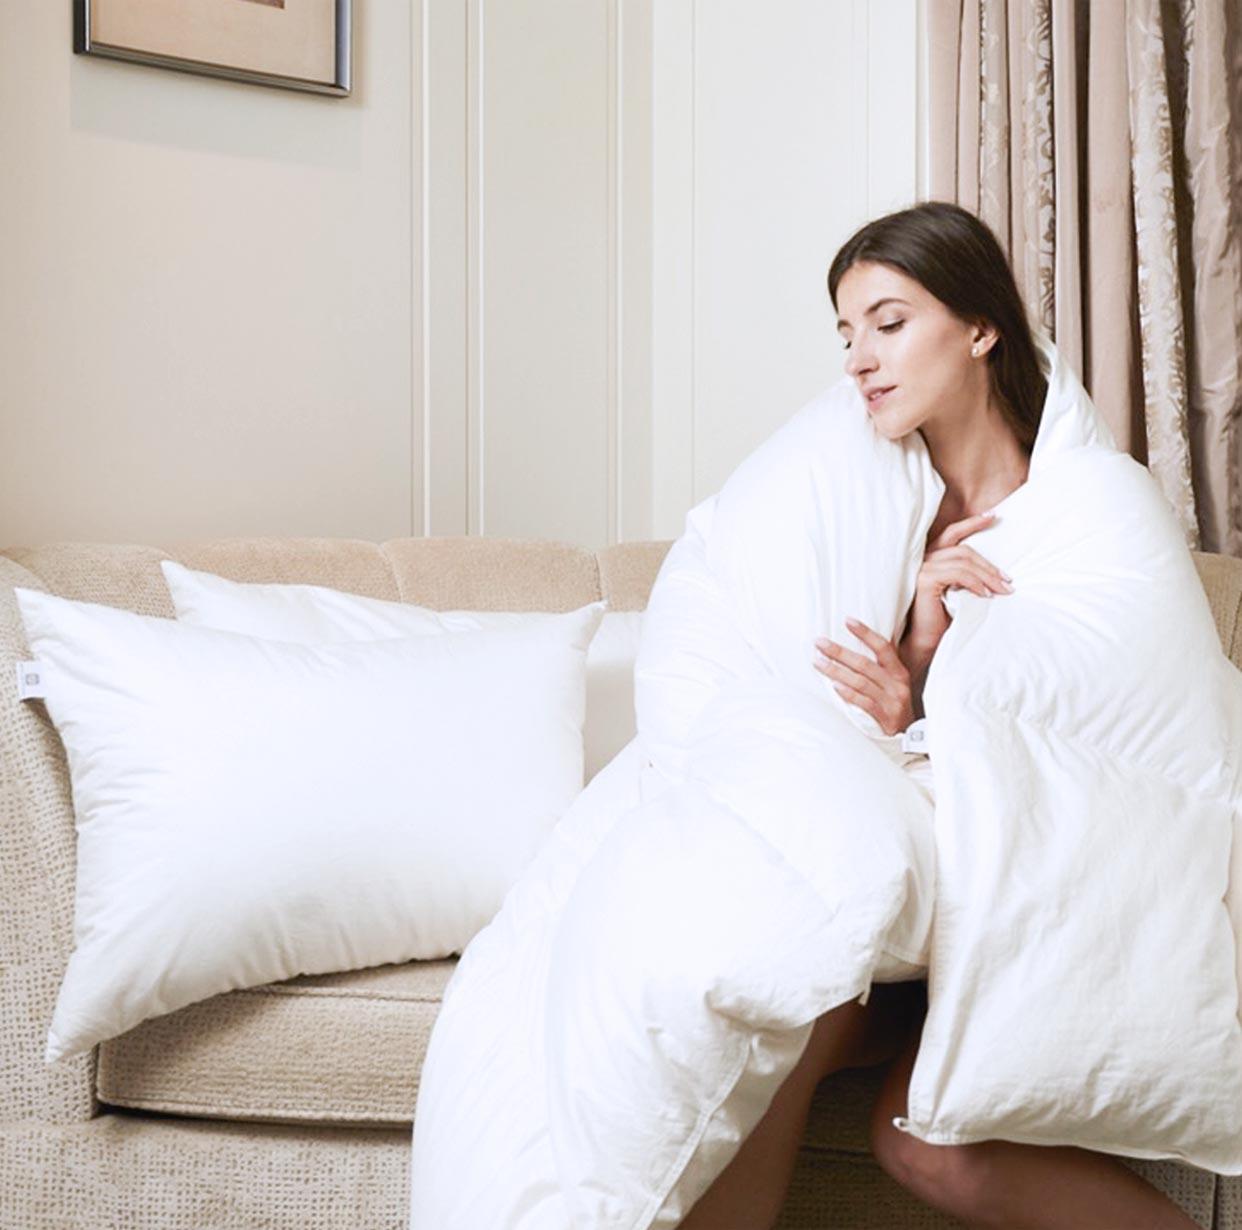 羽毛布団の縫製も丁寧 ホテルライクインテリアの羽毛布団